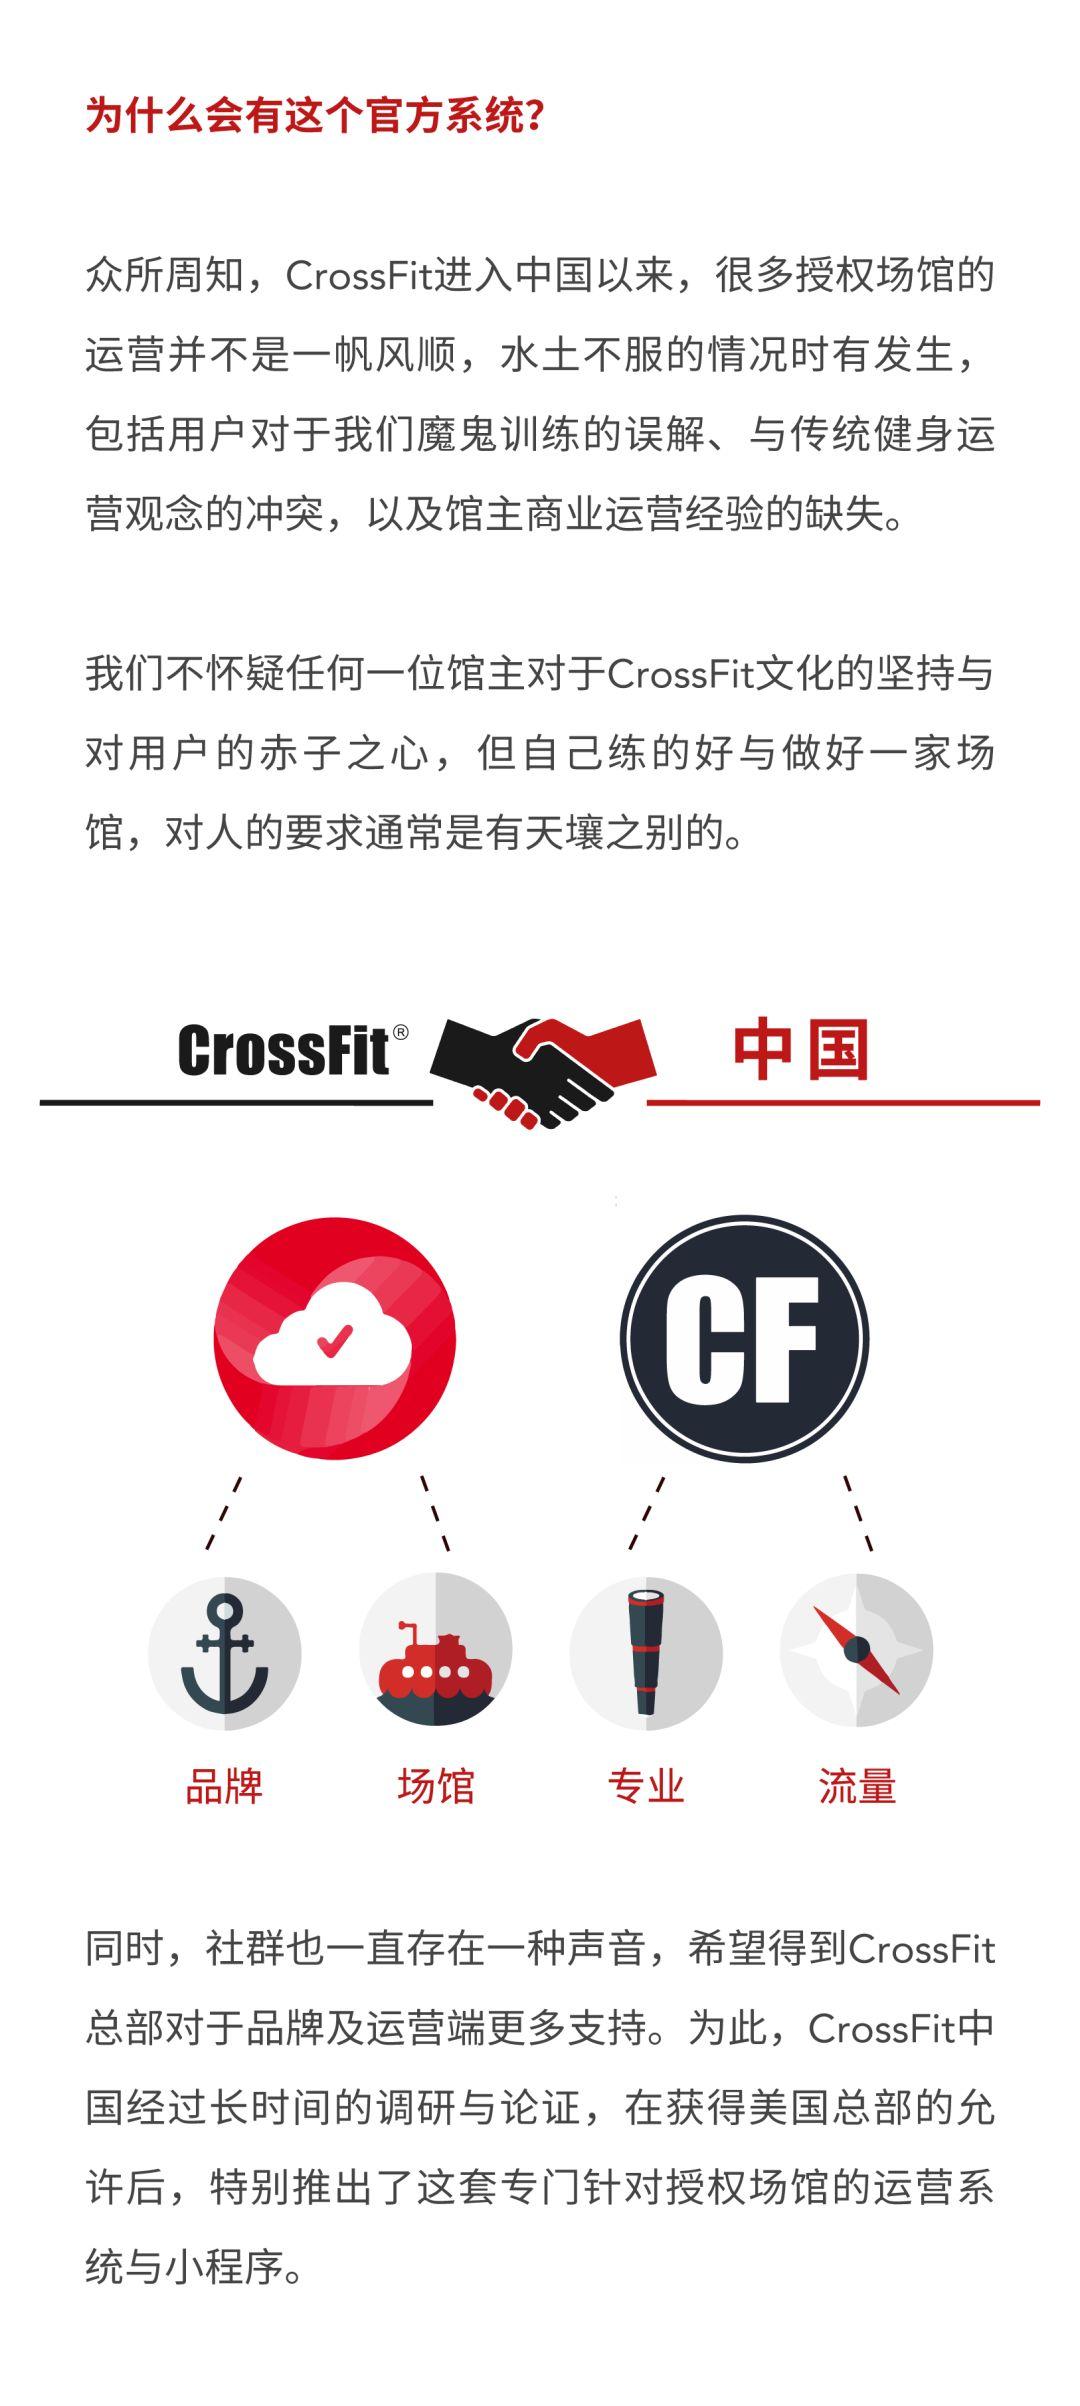 为什么我们要使用CrossFit官方系统